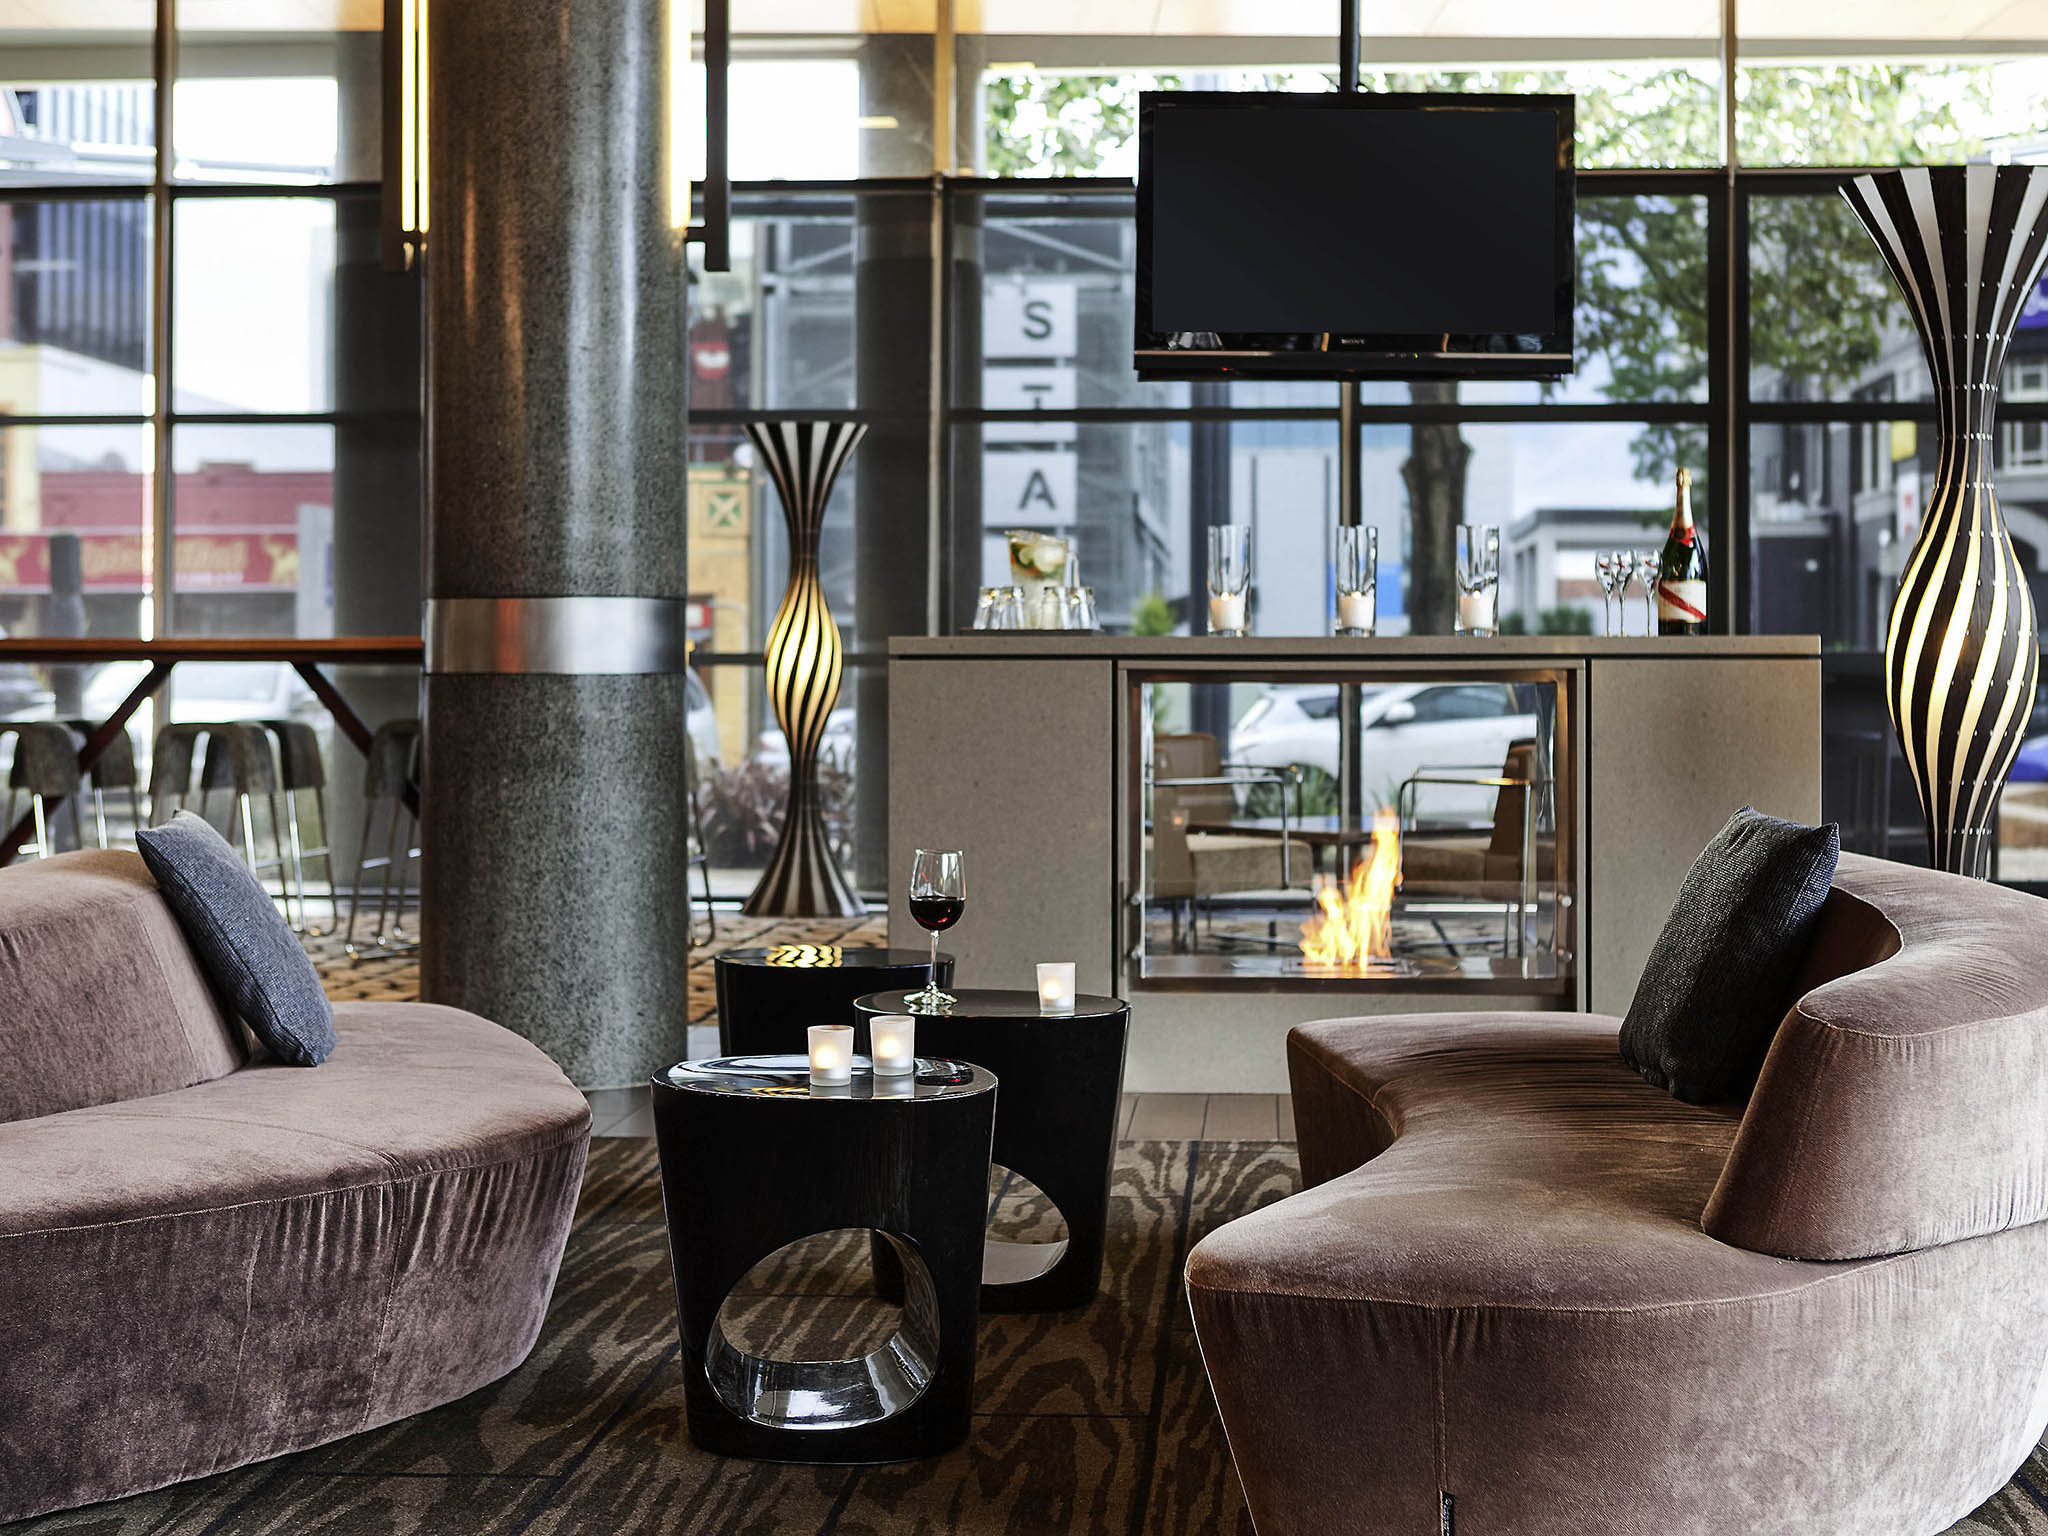 Hotel en HAMILTON - Novotel Hamilton Tainui